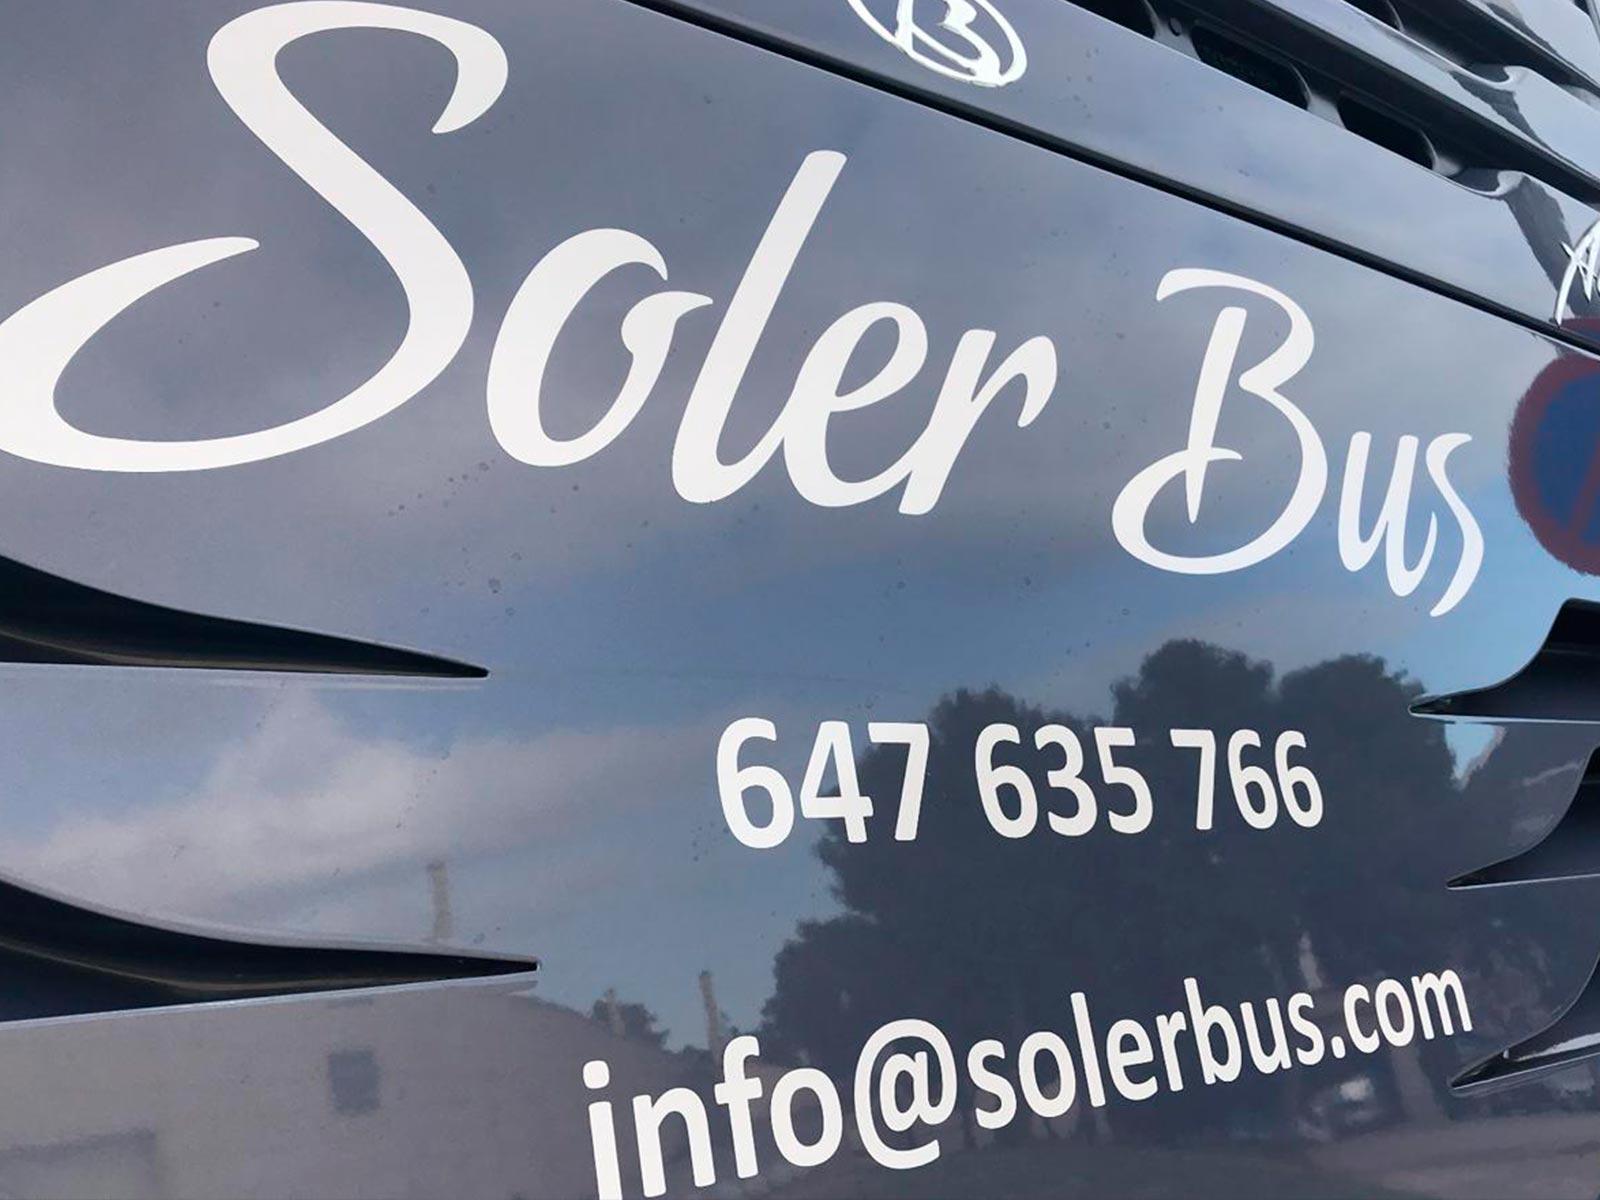 soler bus home (3)